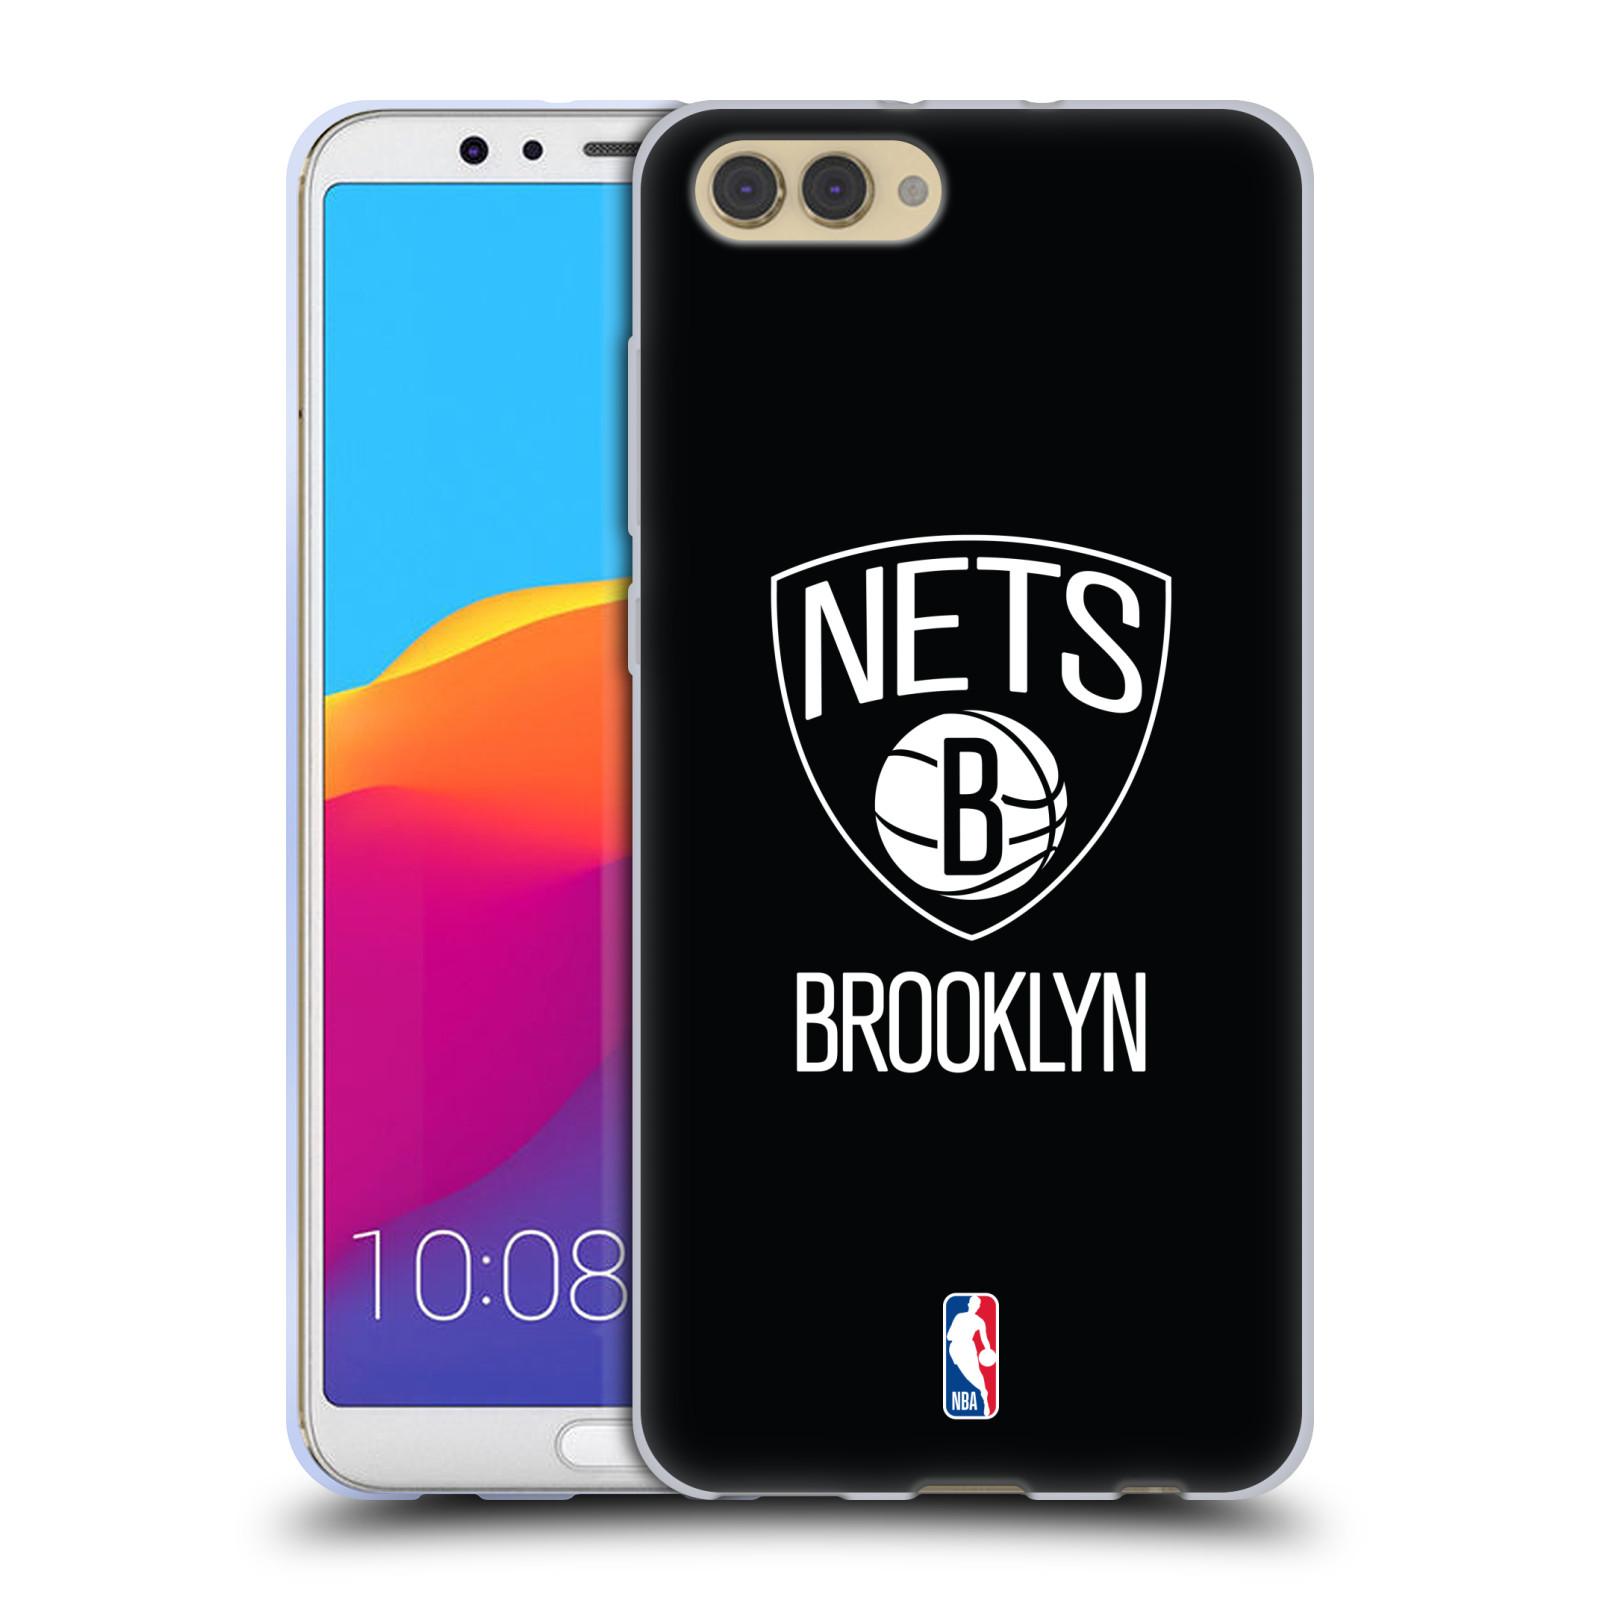 HEAD CASE silikonový obal na mobil Huawei HONOR VIEW 10 / V10 NBA Basketbalový klub Brooklyn Nets černá